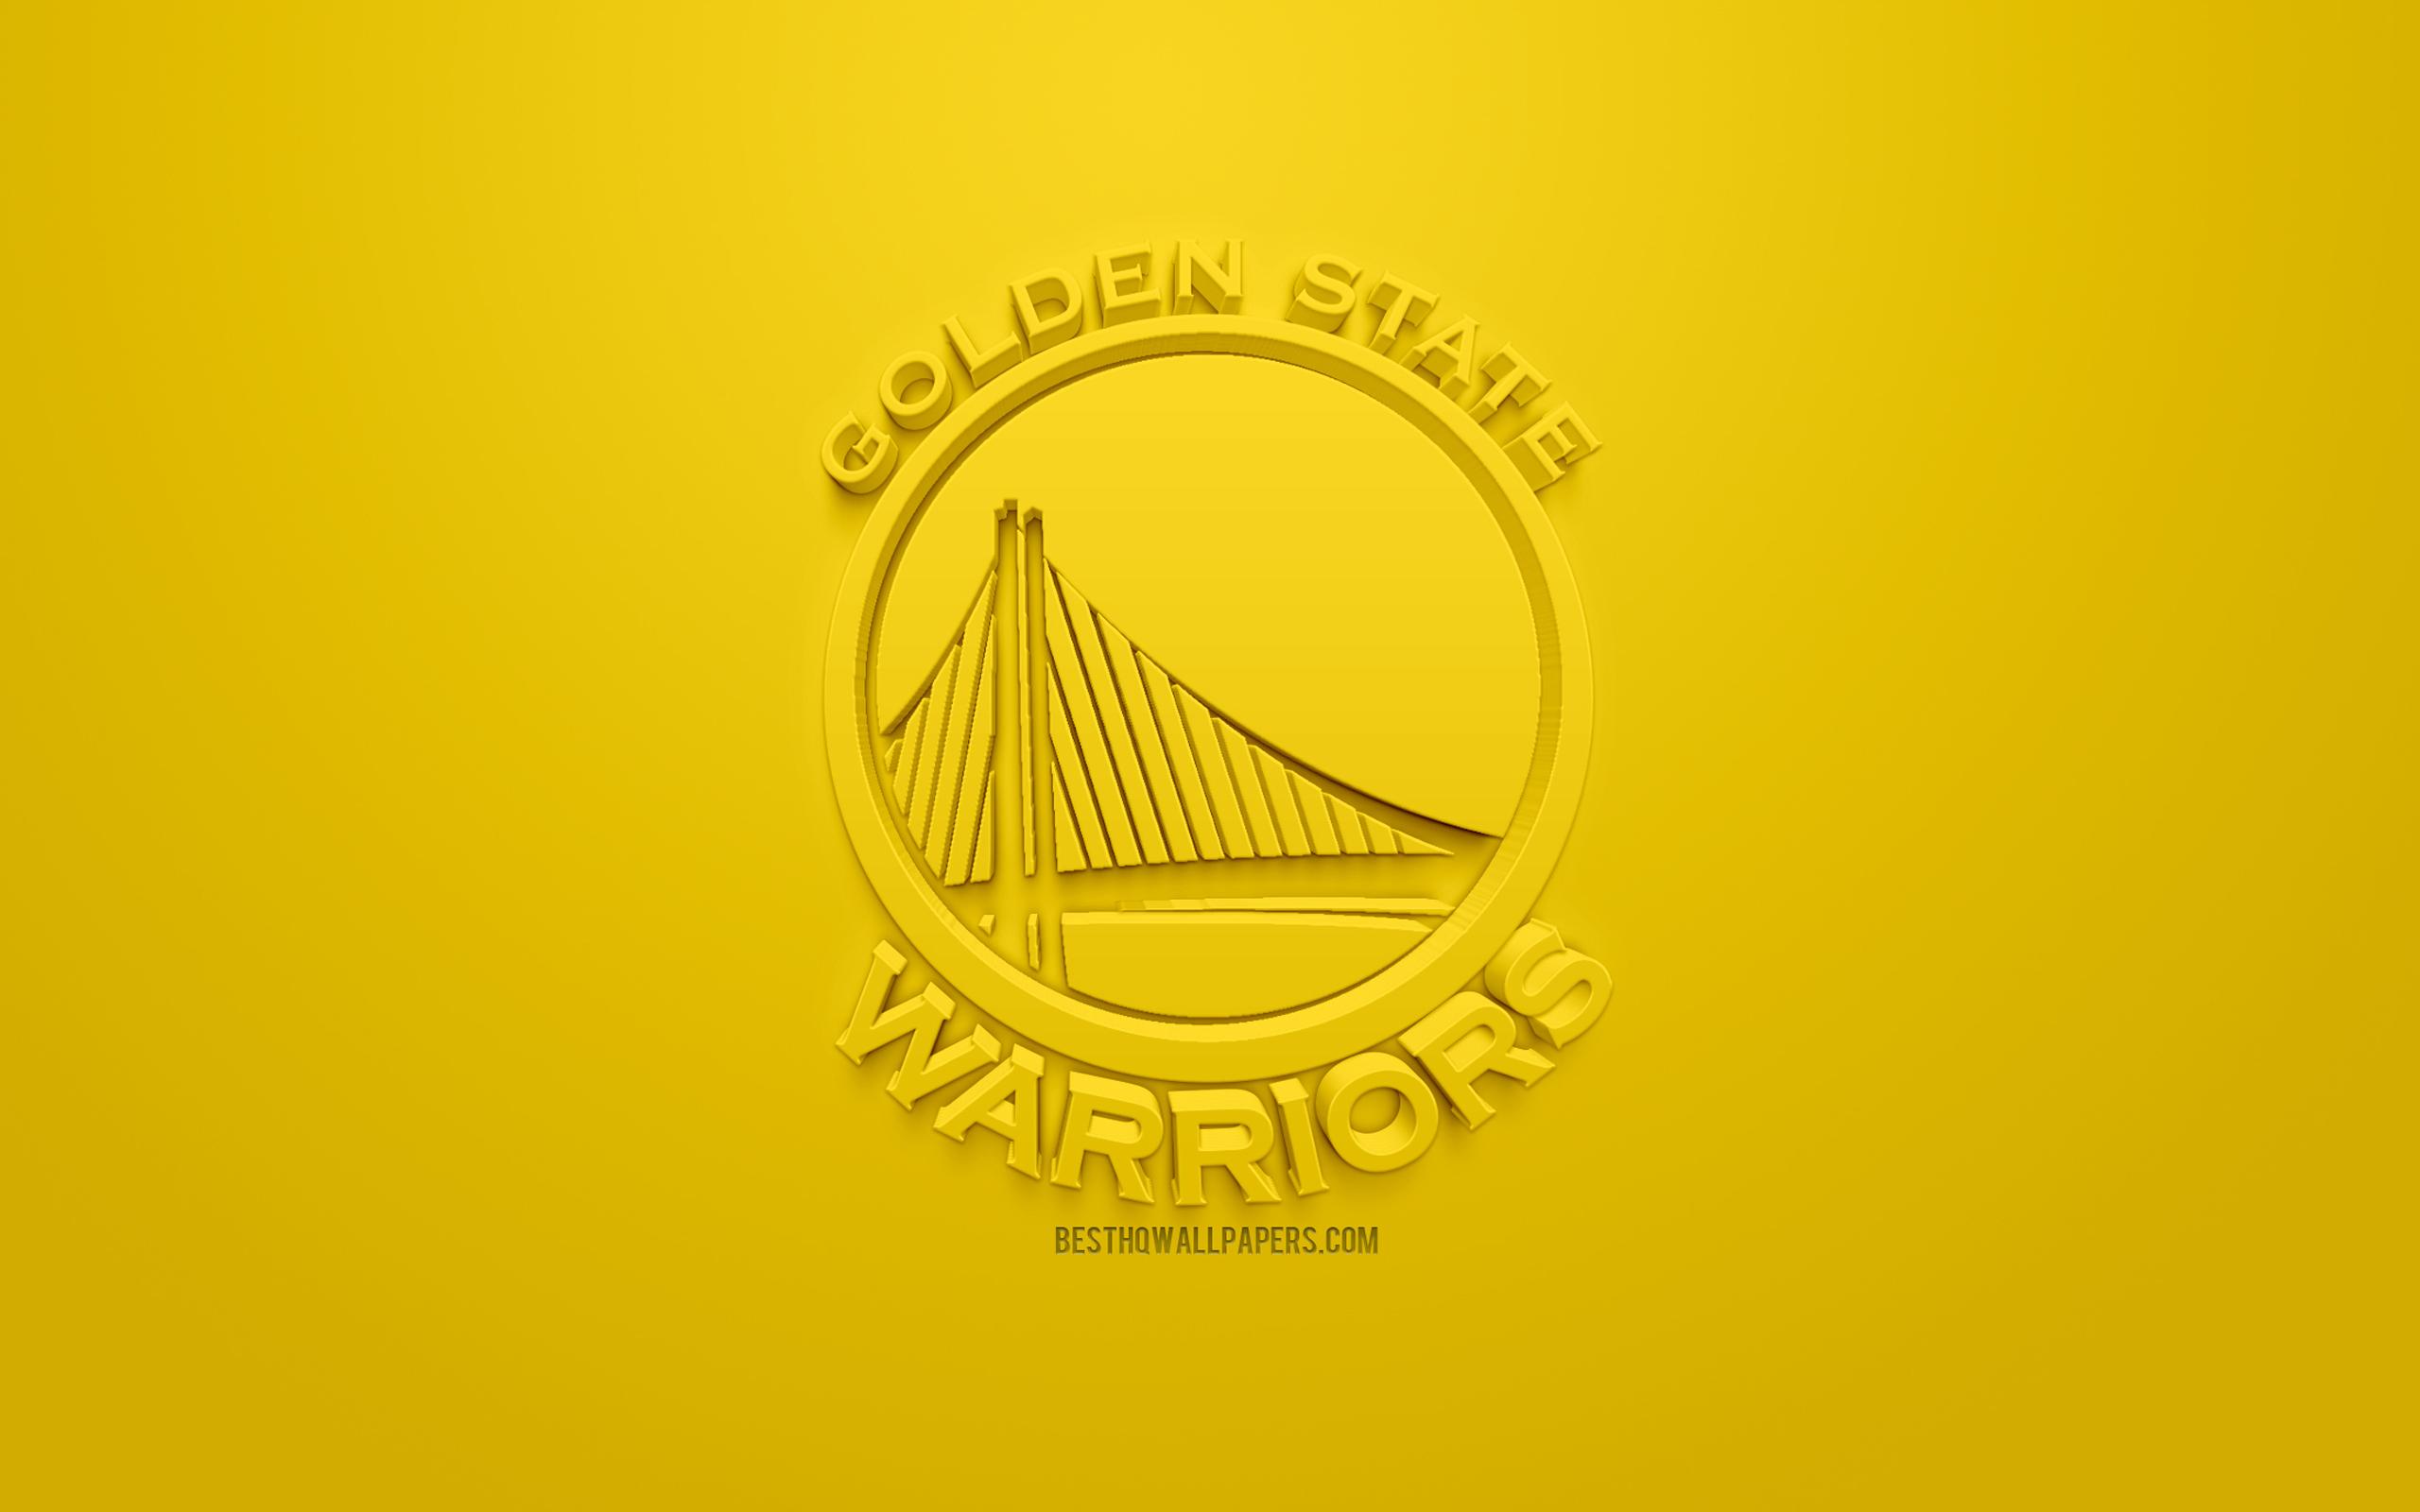 Golden State Warriors, Creative 3d Logo, Yellow Background, - Golden State Warriors Pc , HD Wallpaper & Backgrounds